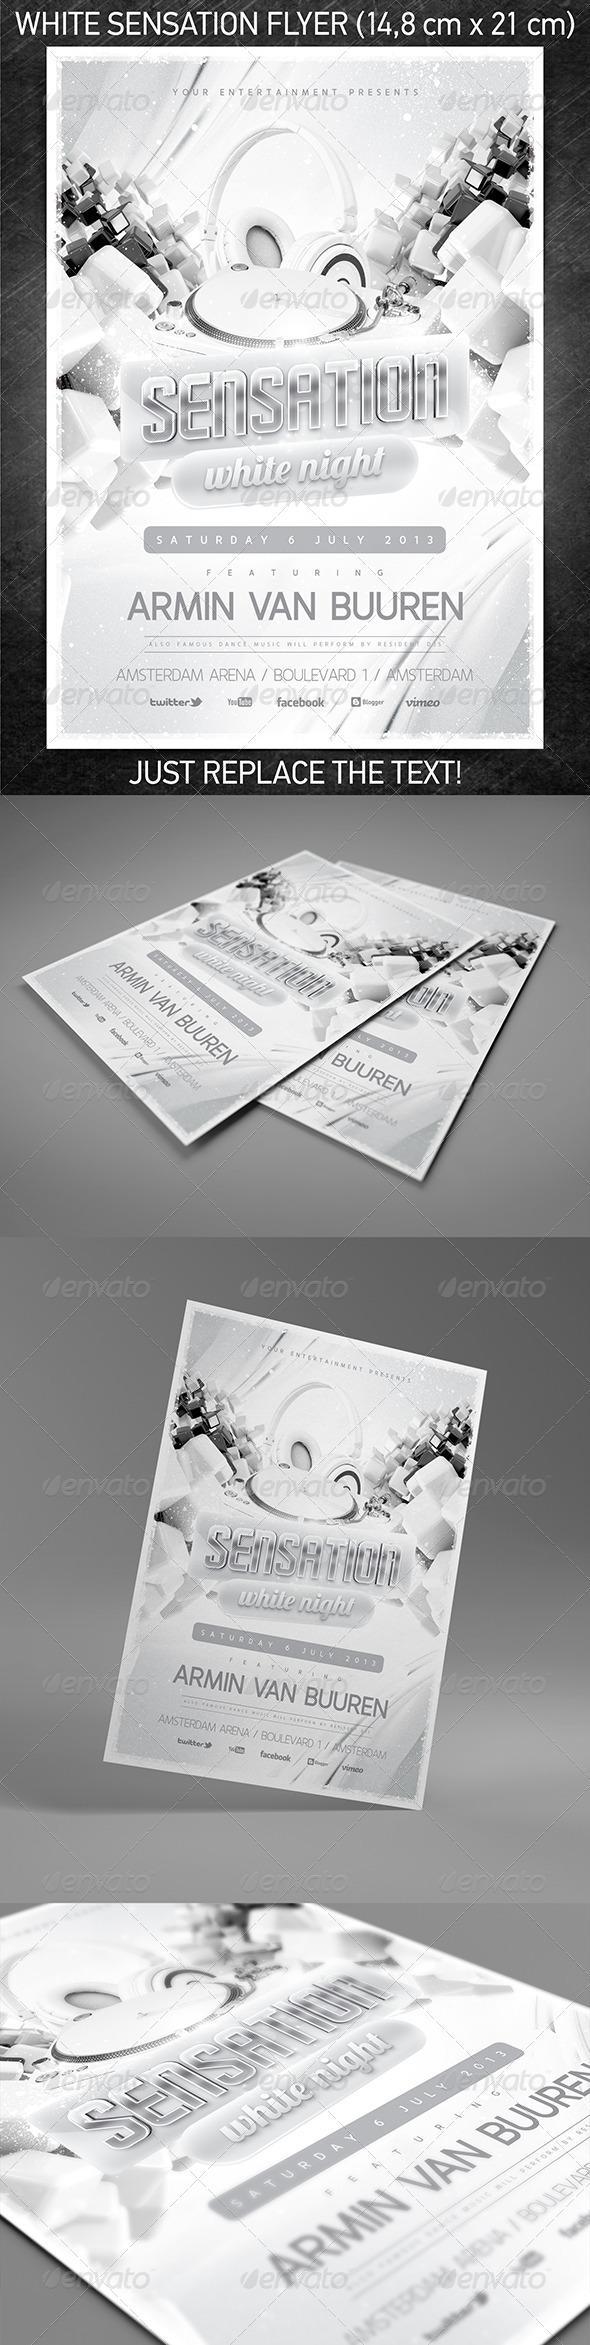 GraphicRiver White Sensation Flyer Vol.2 5139127